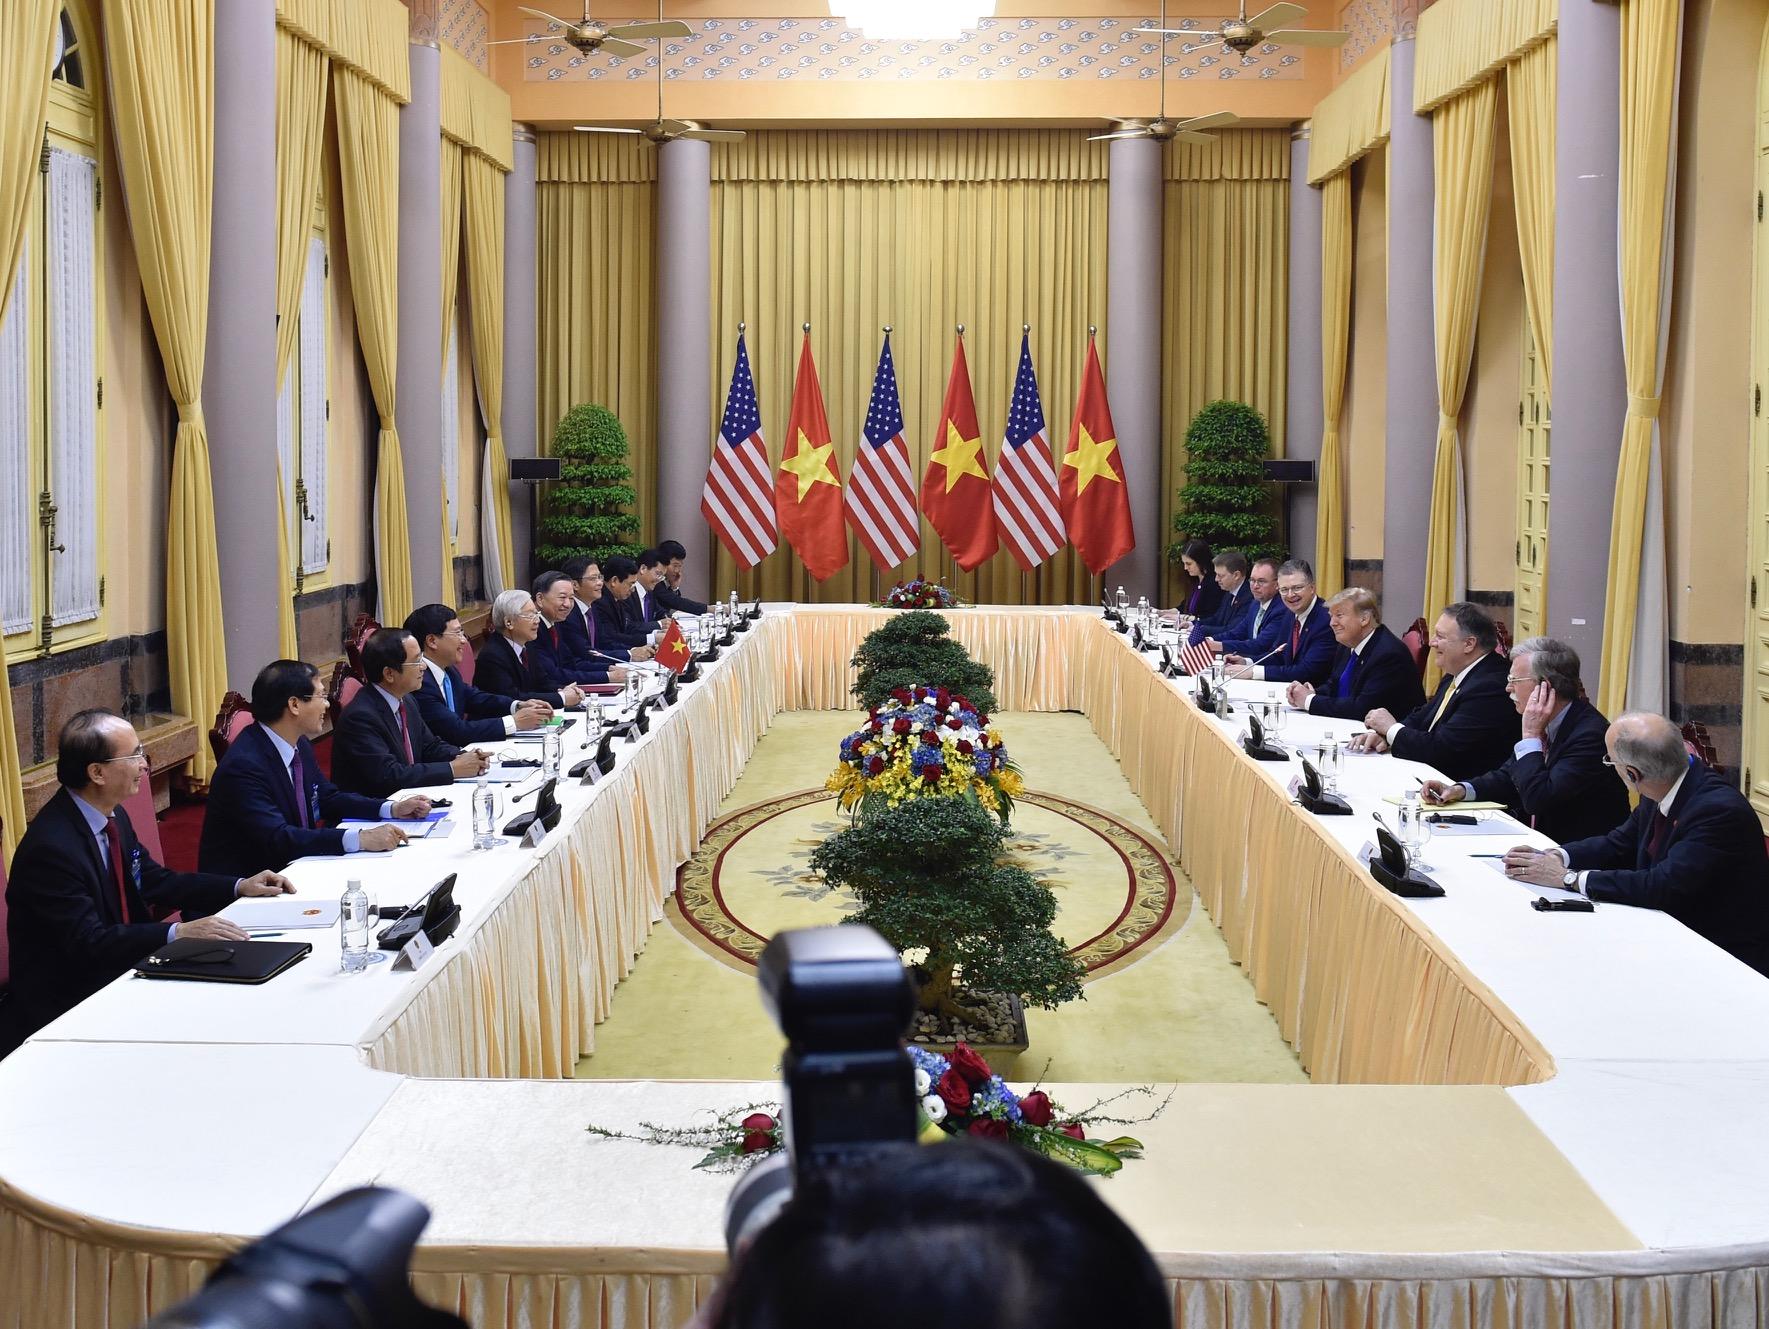 Chùm ảnh Tổng Bí thư, Chủ tịch nước Nguyễn Phú Trọng tiếp Tổng thống Donald Trump 3